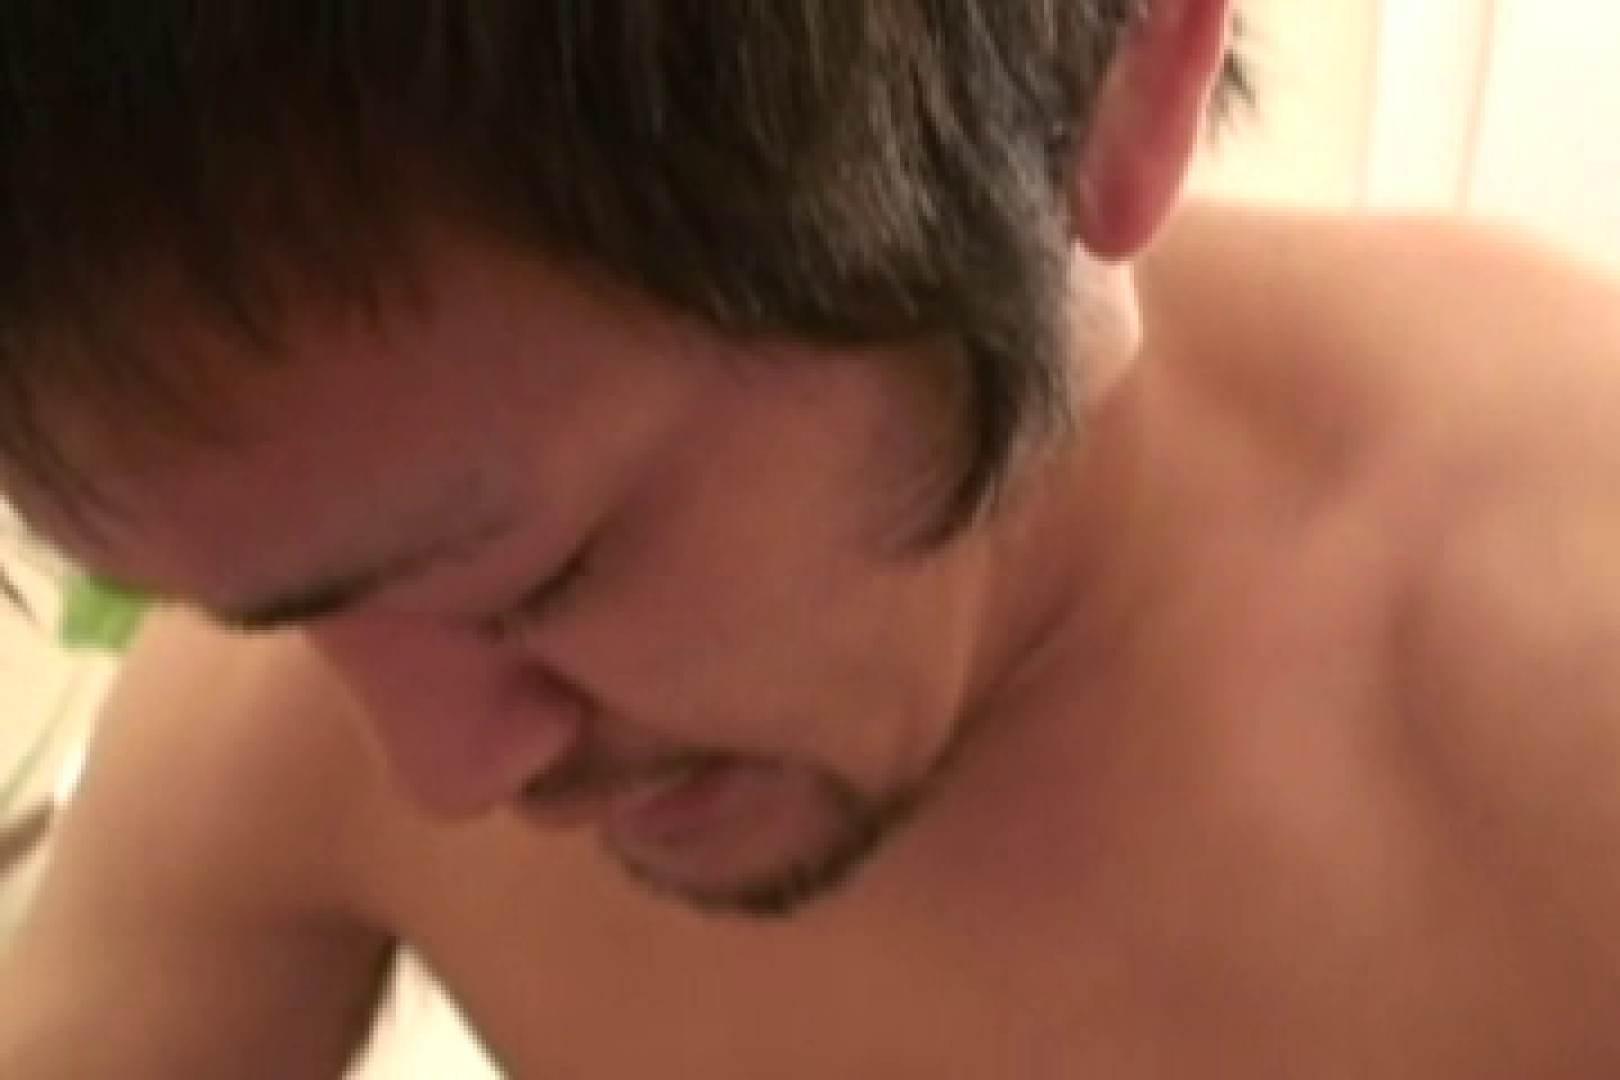 ひげメンたちのディープラブ!!コックリングでアナル三昧 大人の玩具 ゲイアダルト画像 76pic 67